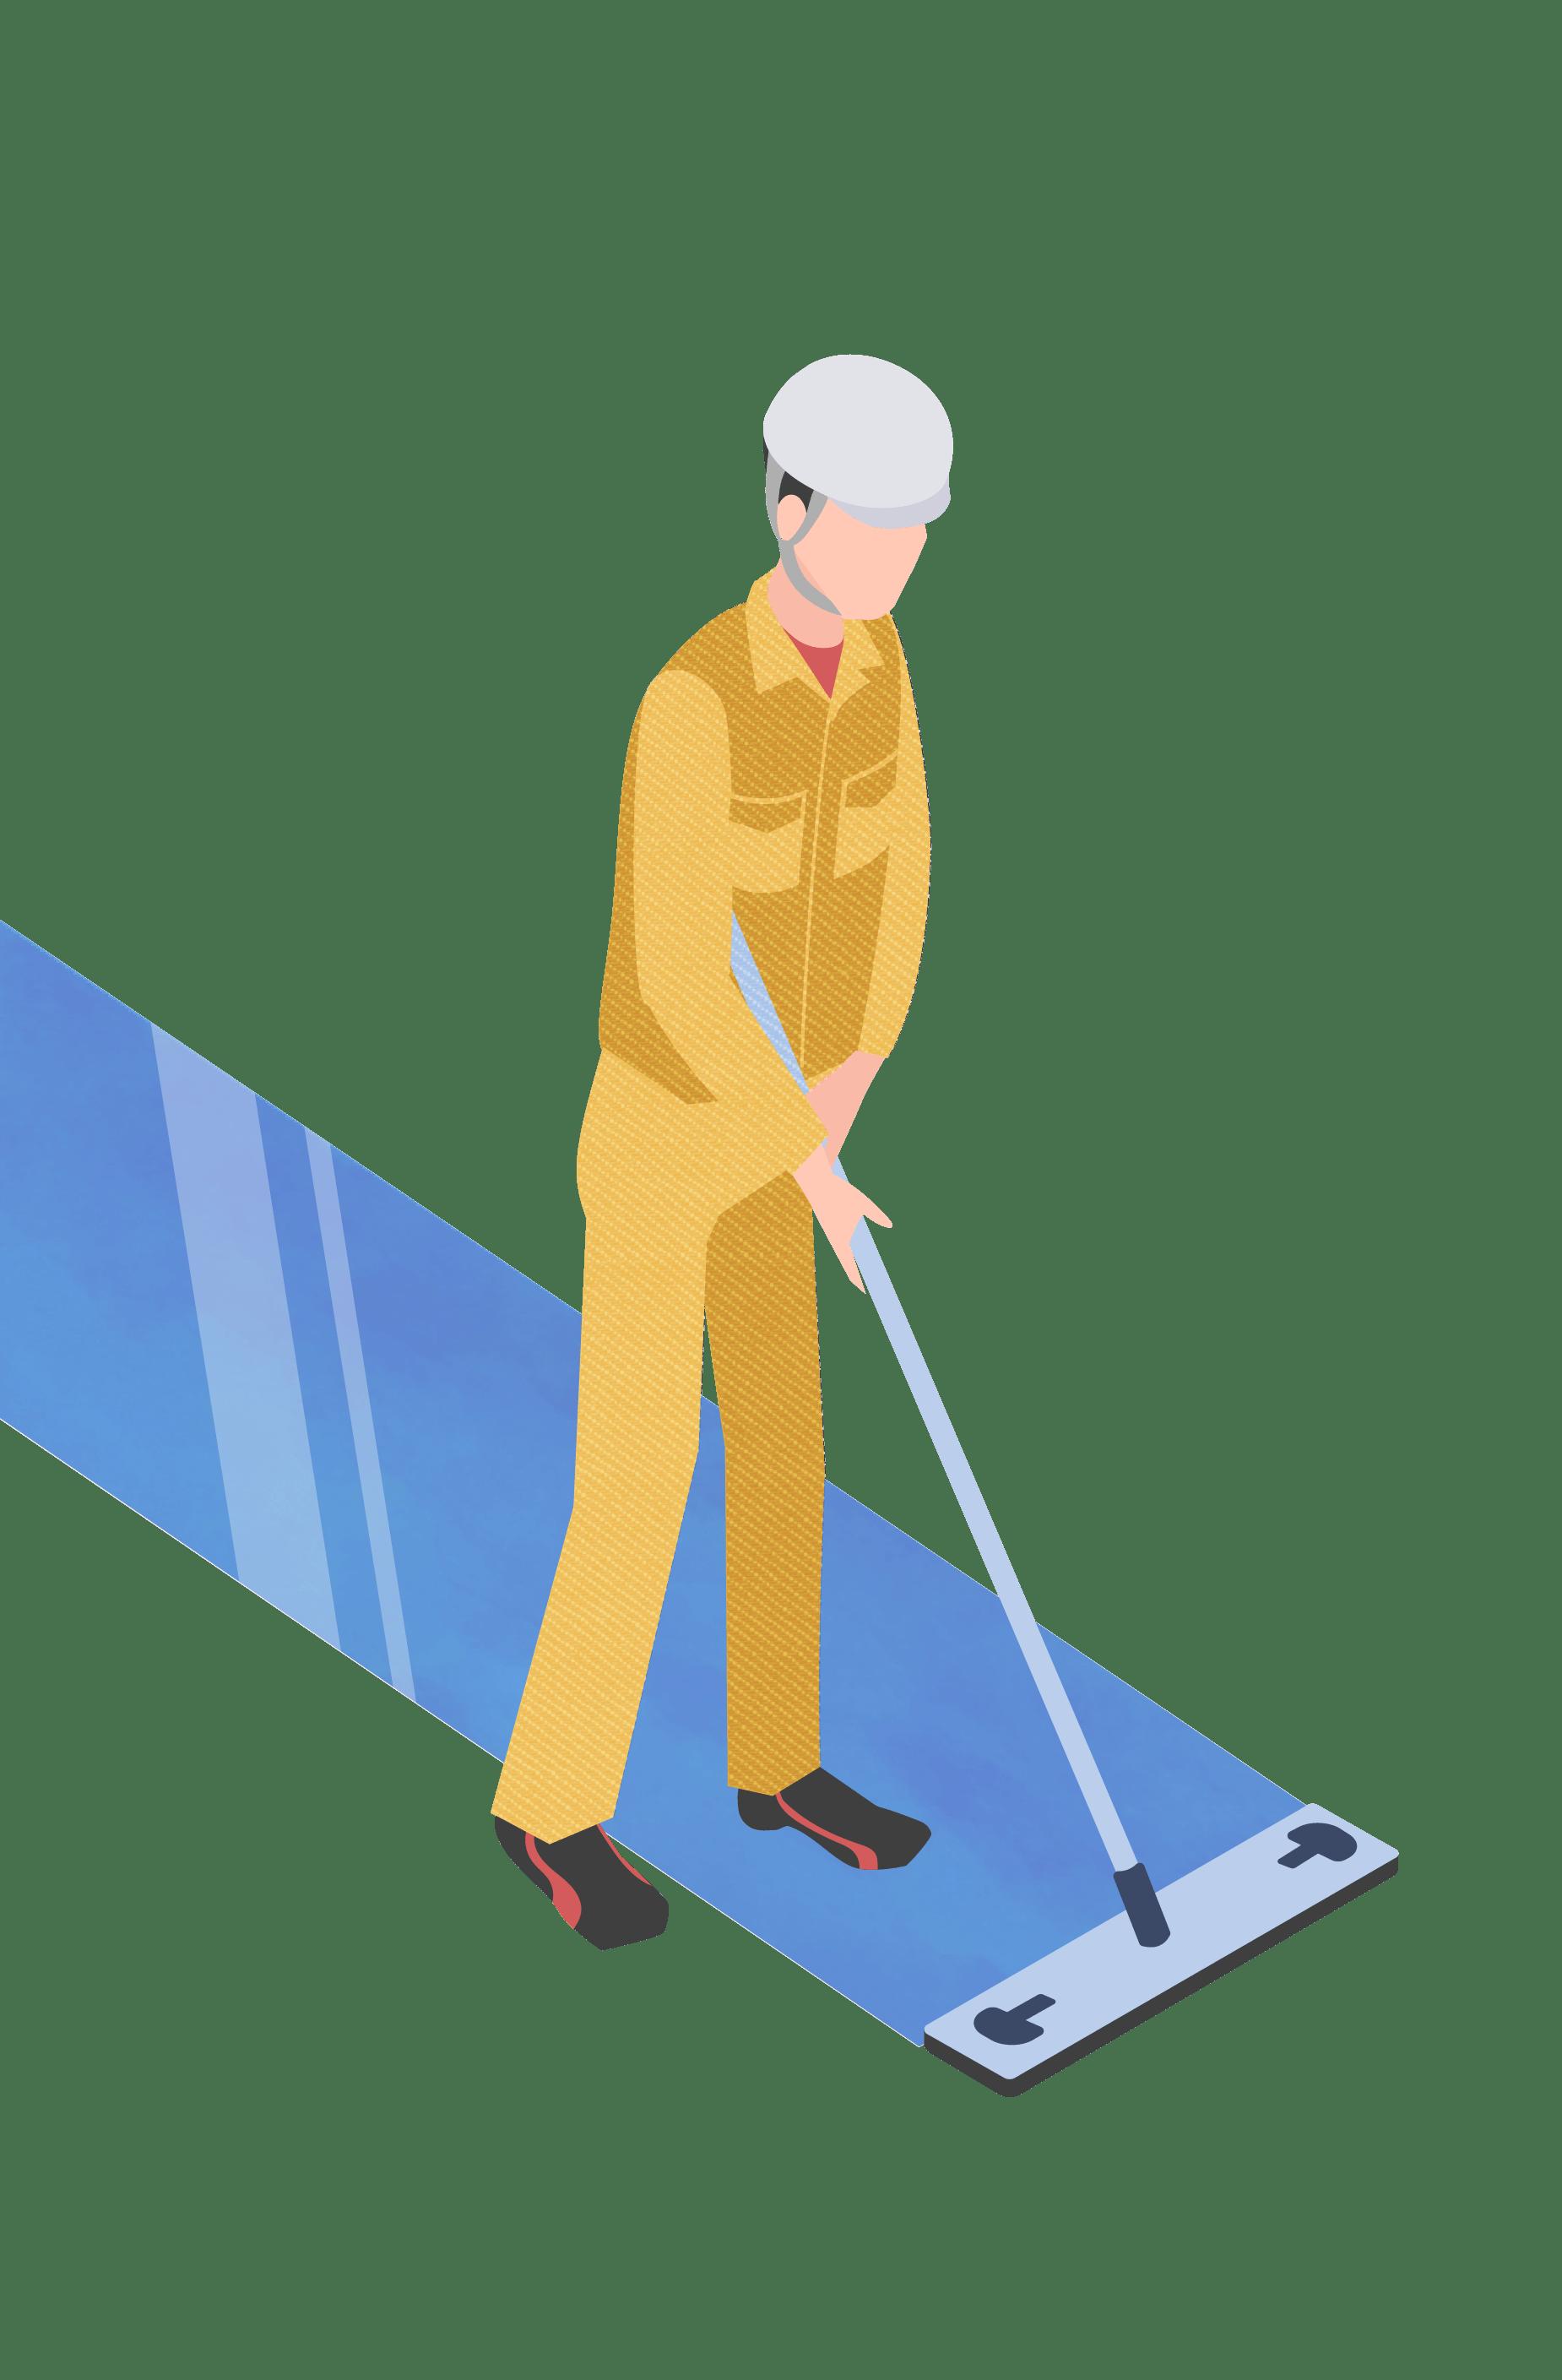 従業員のかたが床を清掃しているイメージ